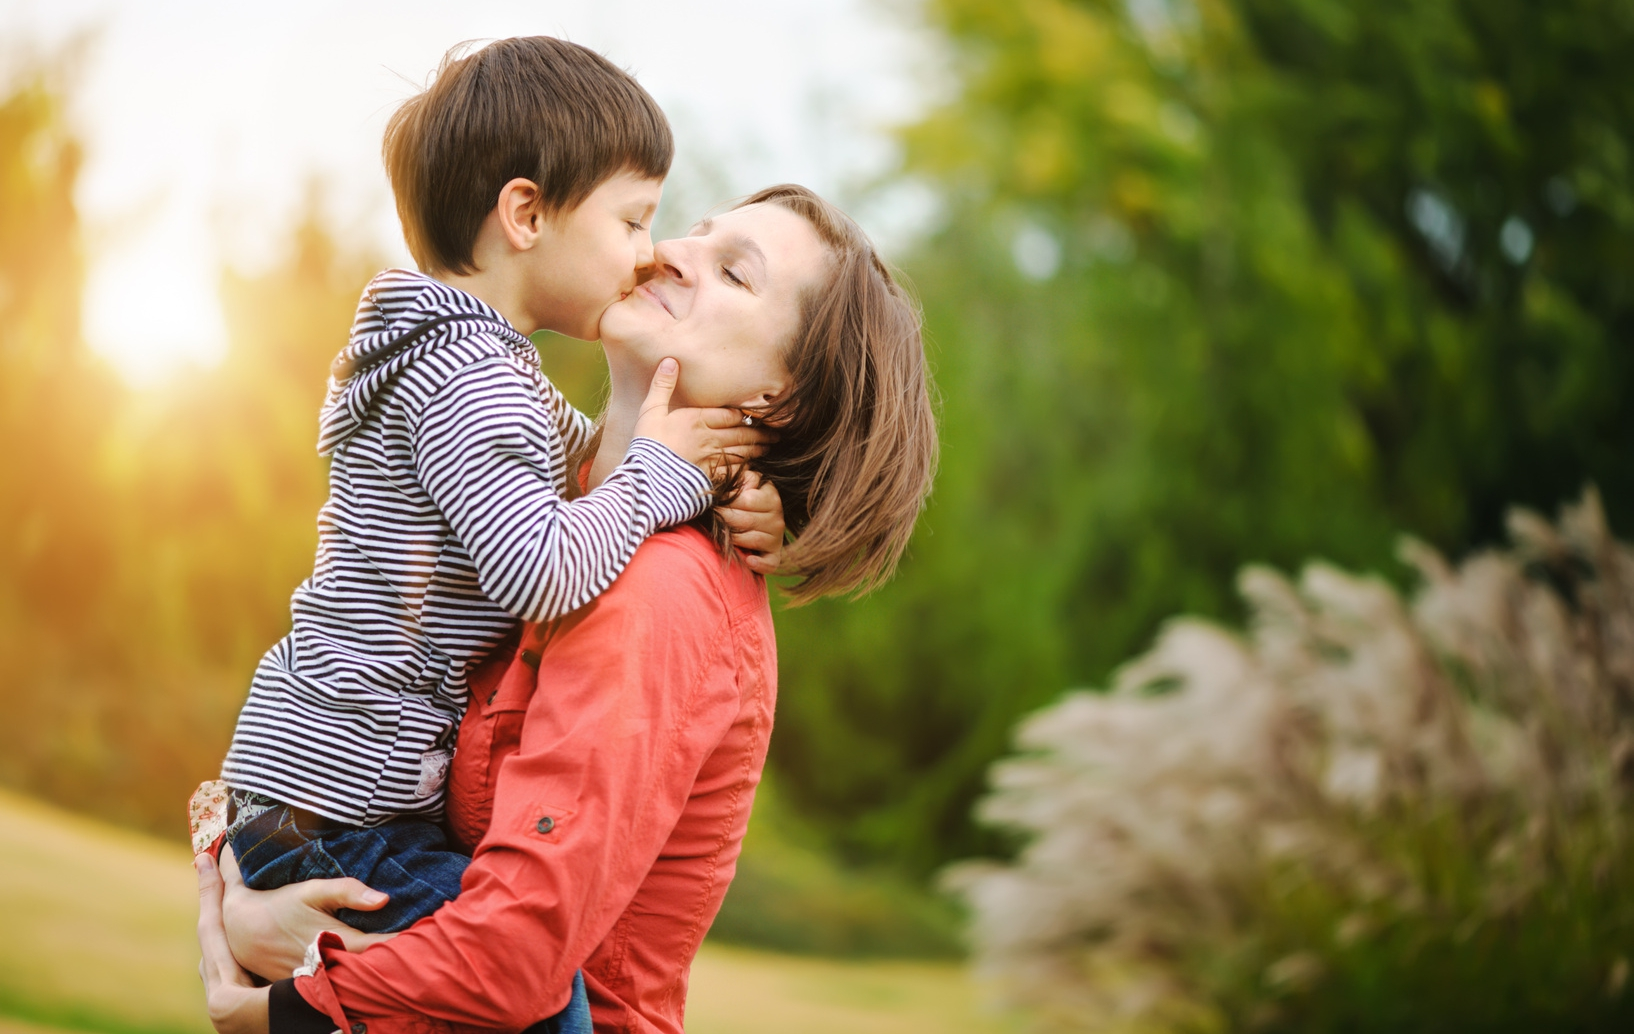 Сын и красивые мамы, Порно видео мамы и сына смотреть онлайн бесплатно 33 фотография